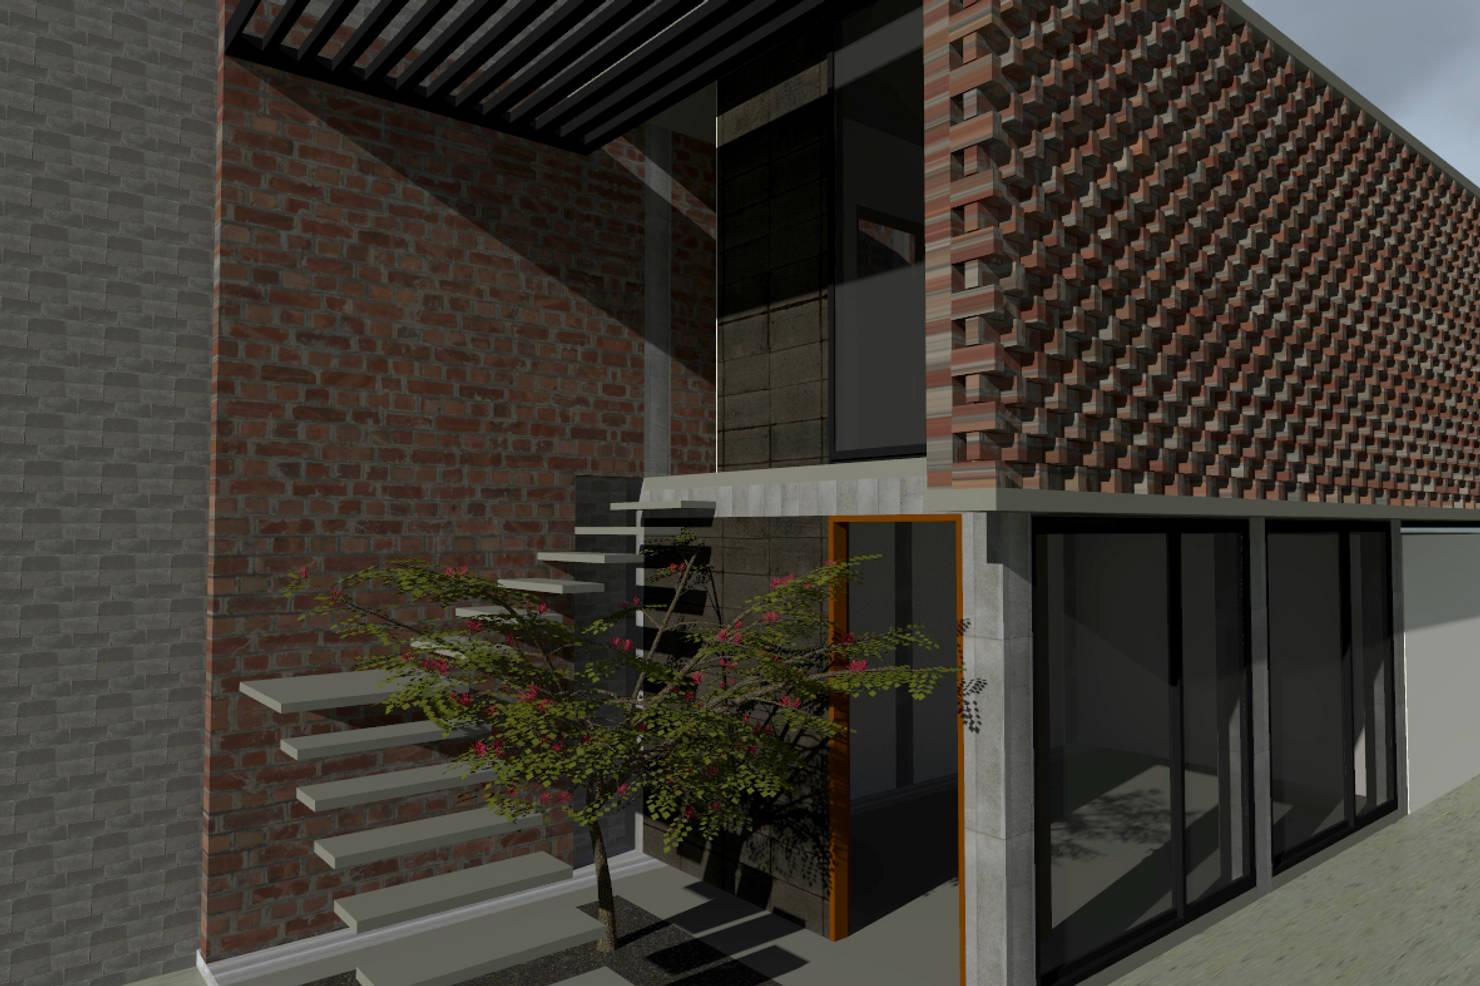 Proyecto de ampliación de una casa en la ciudad